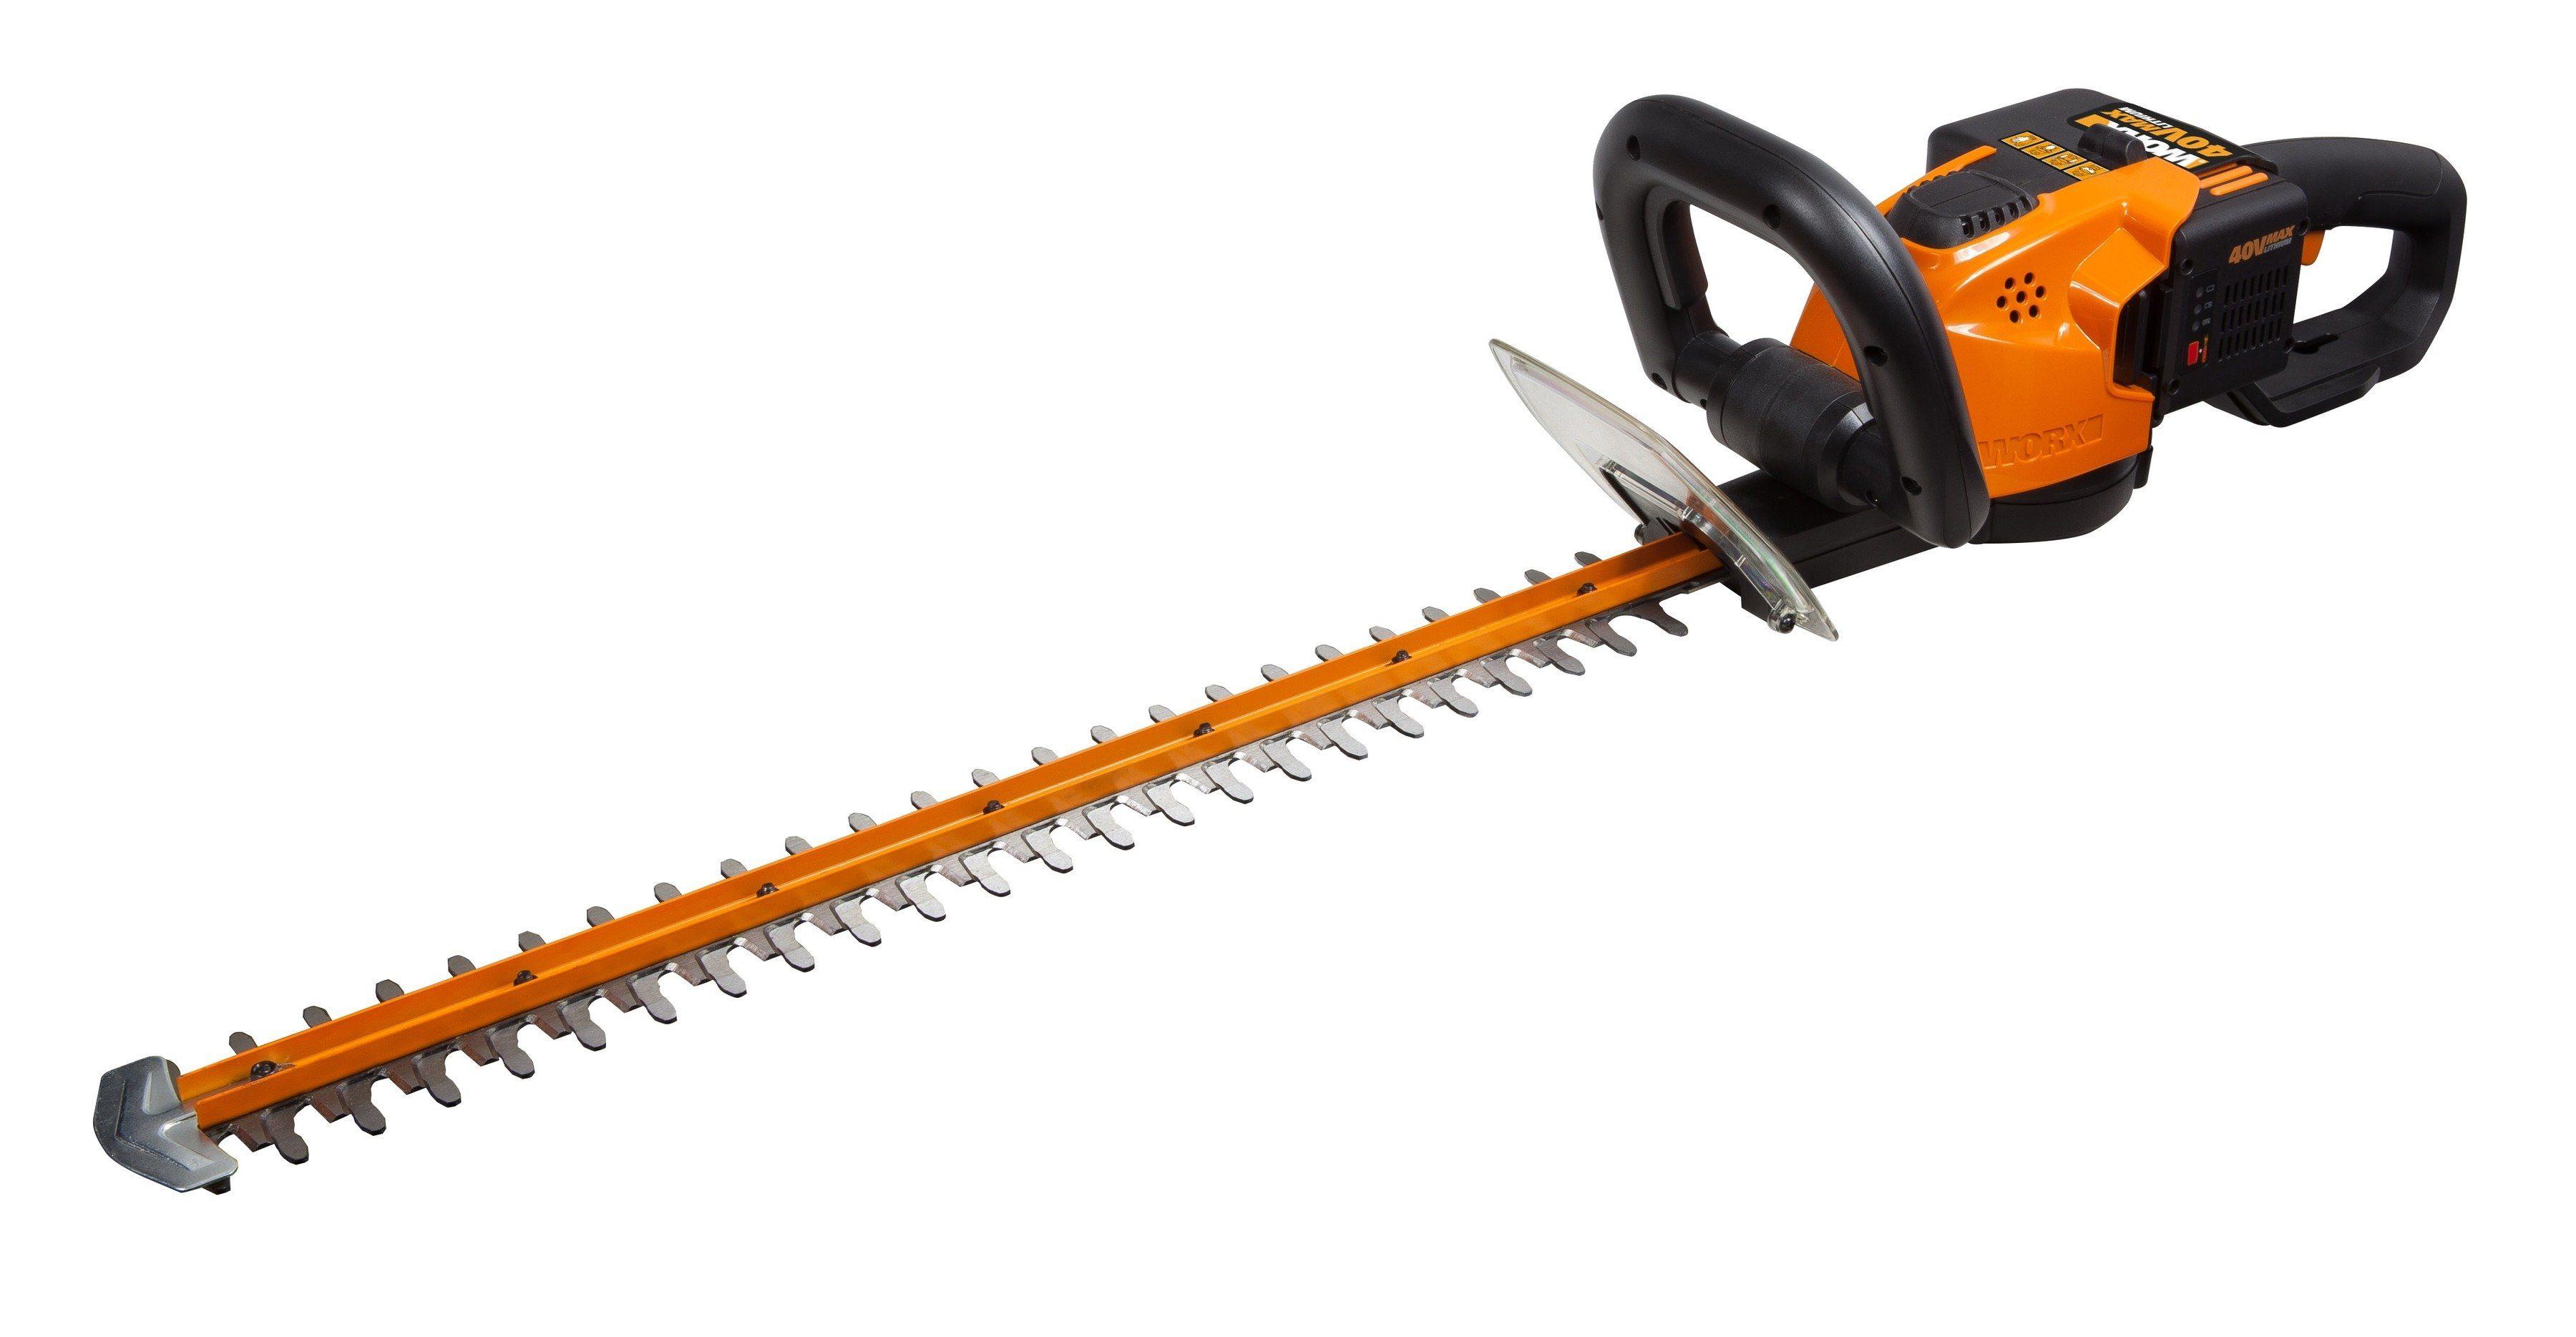 Worx Akku-Heckenschere »WG 268 E«, Schnittlänge: 56 cm